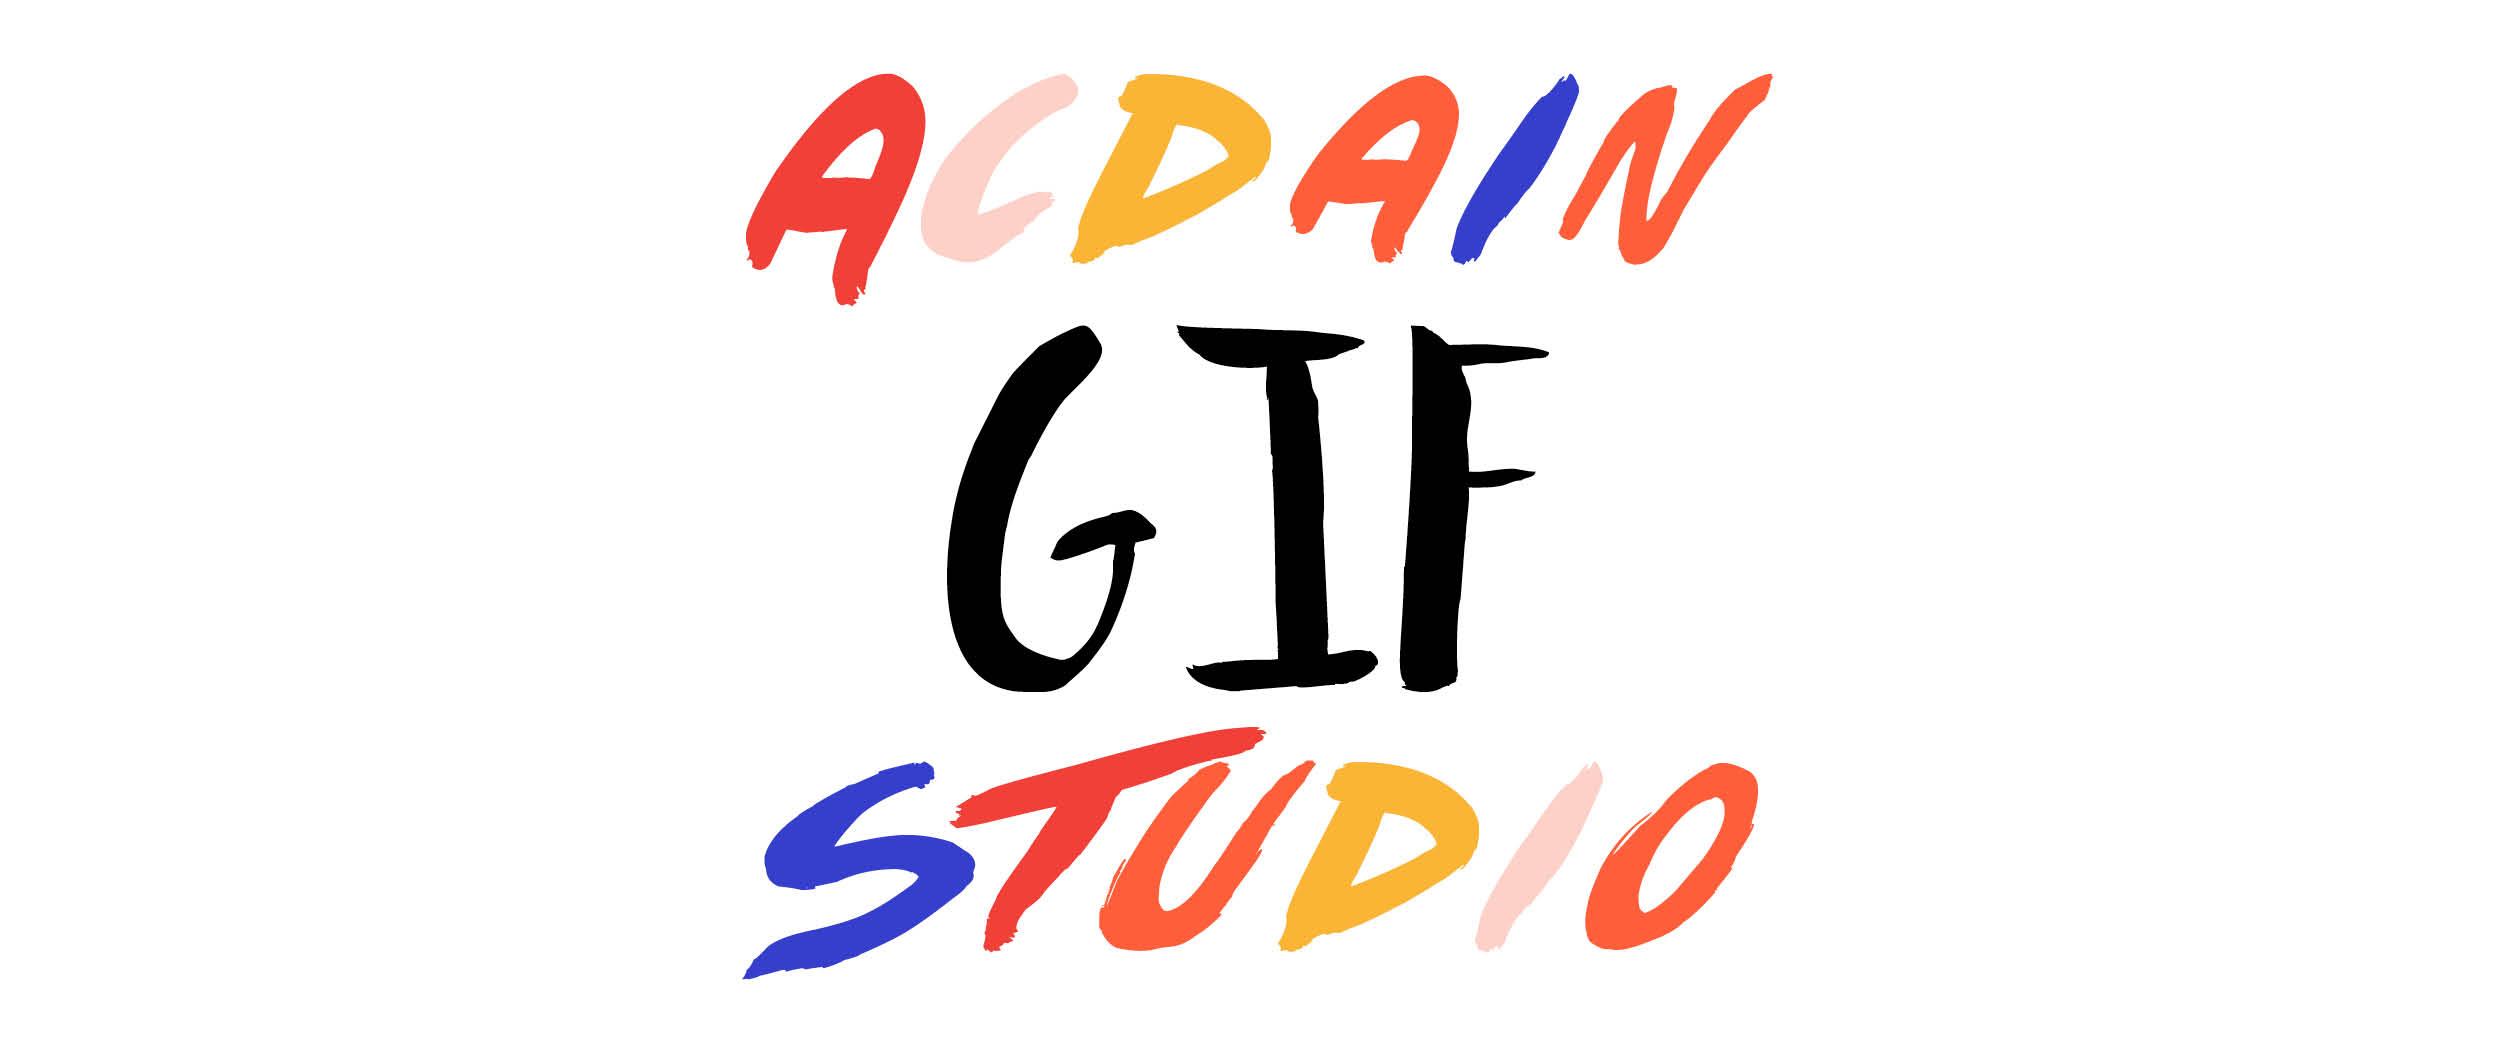 Acdain Gif Studio